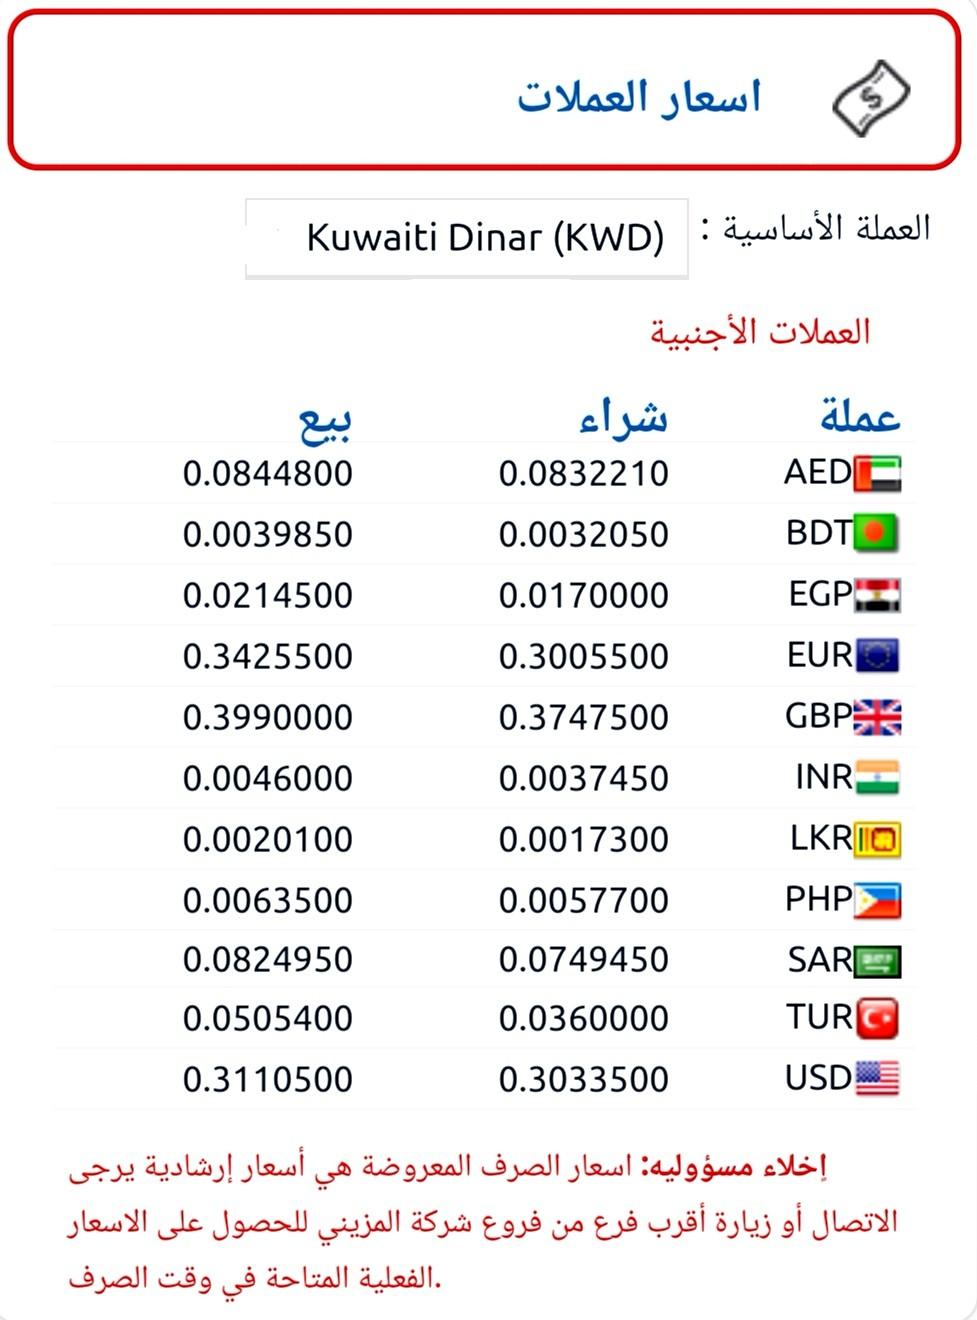 سعر الف المصري بالدينار الكويتي اليوم افرع المزيني للصرافة ٢ مايو